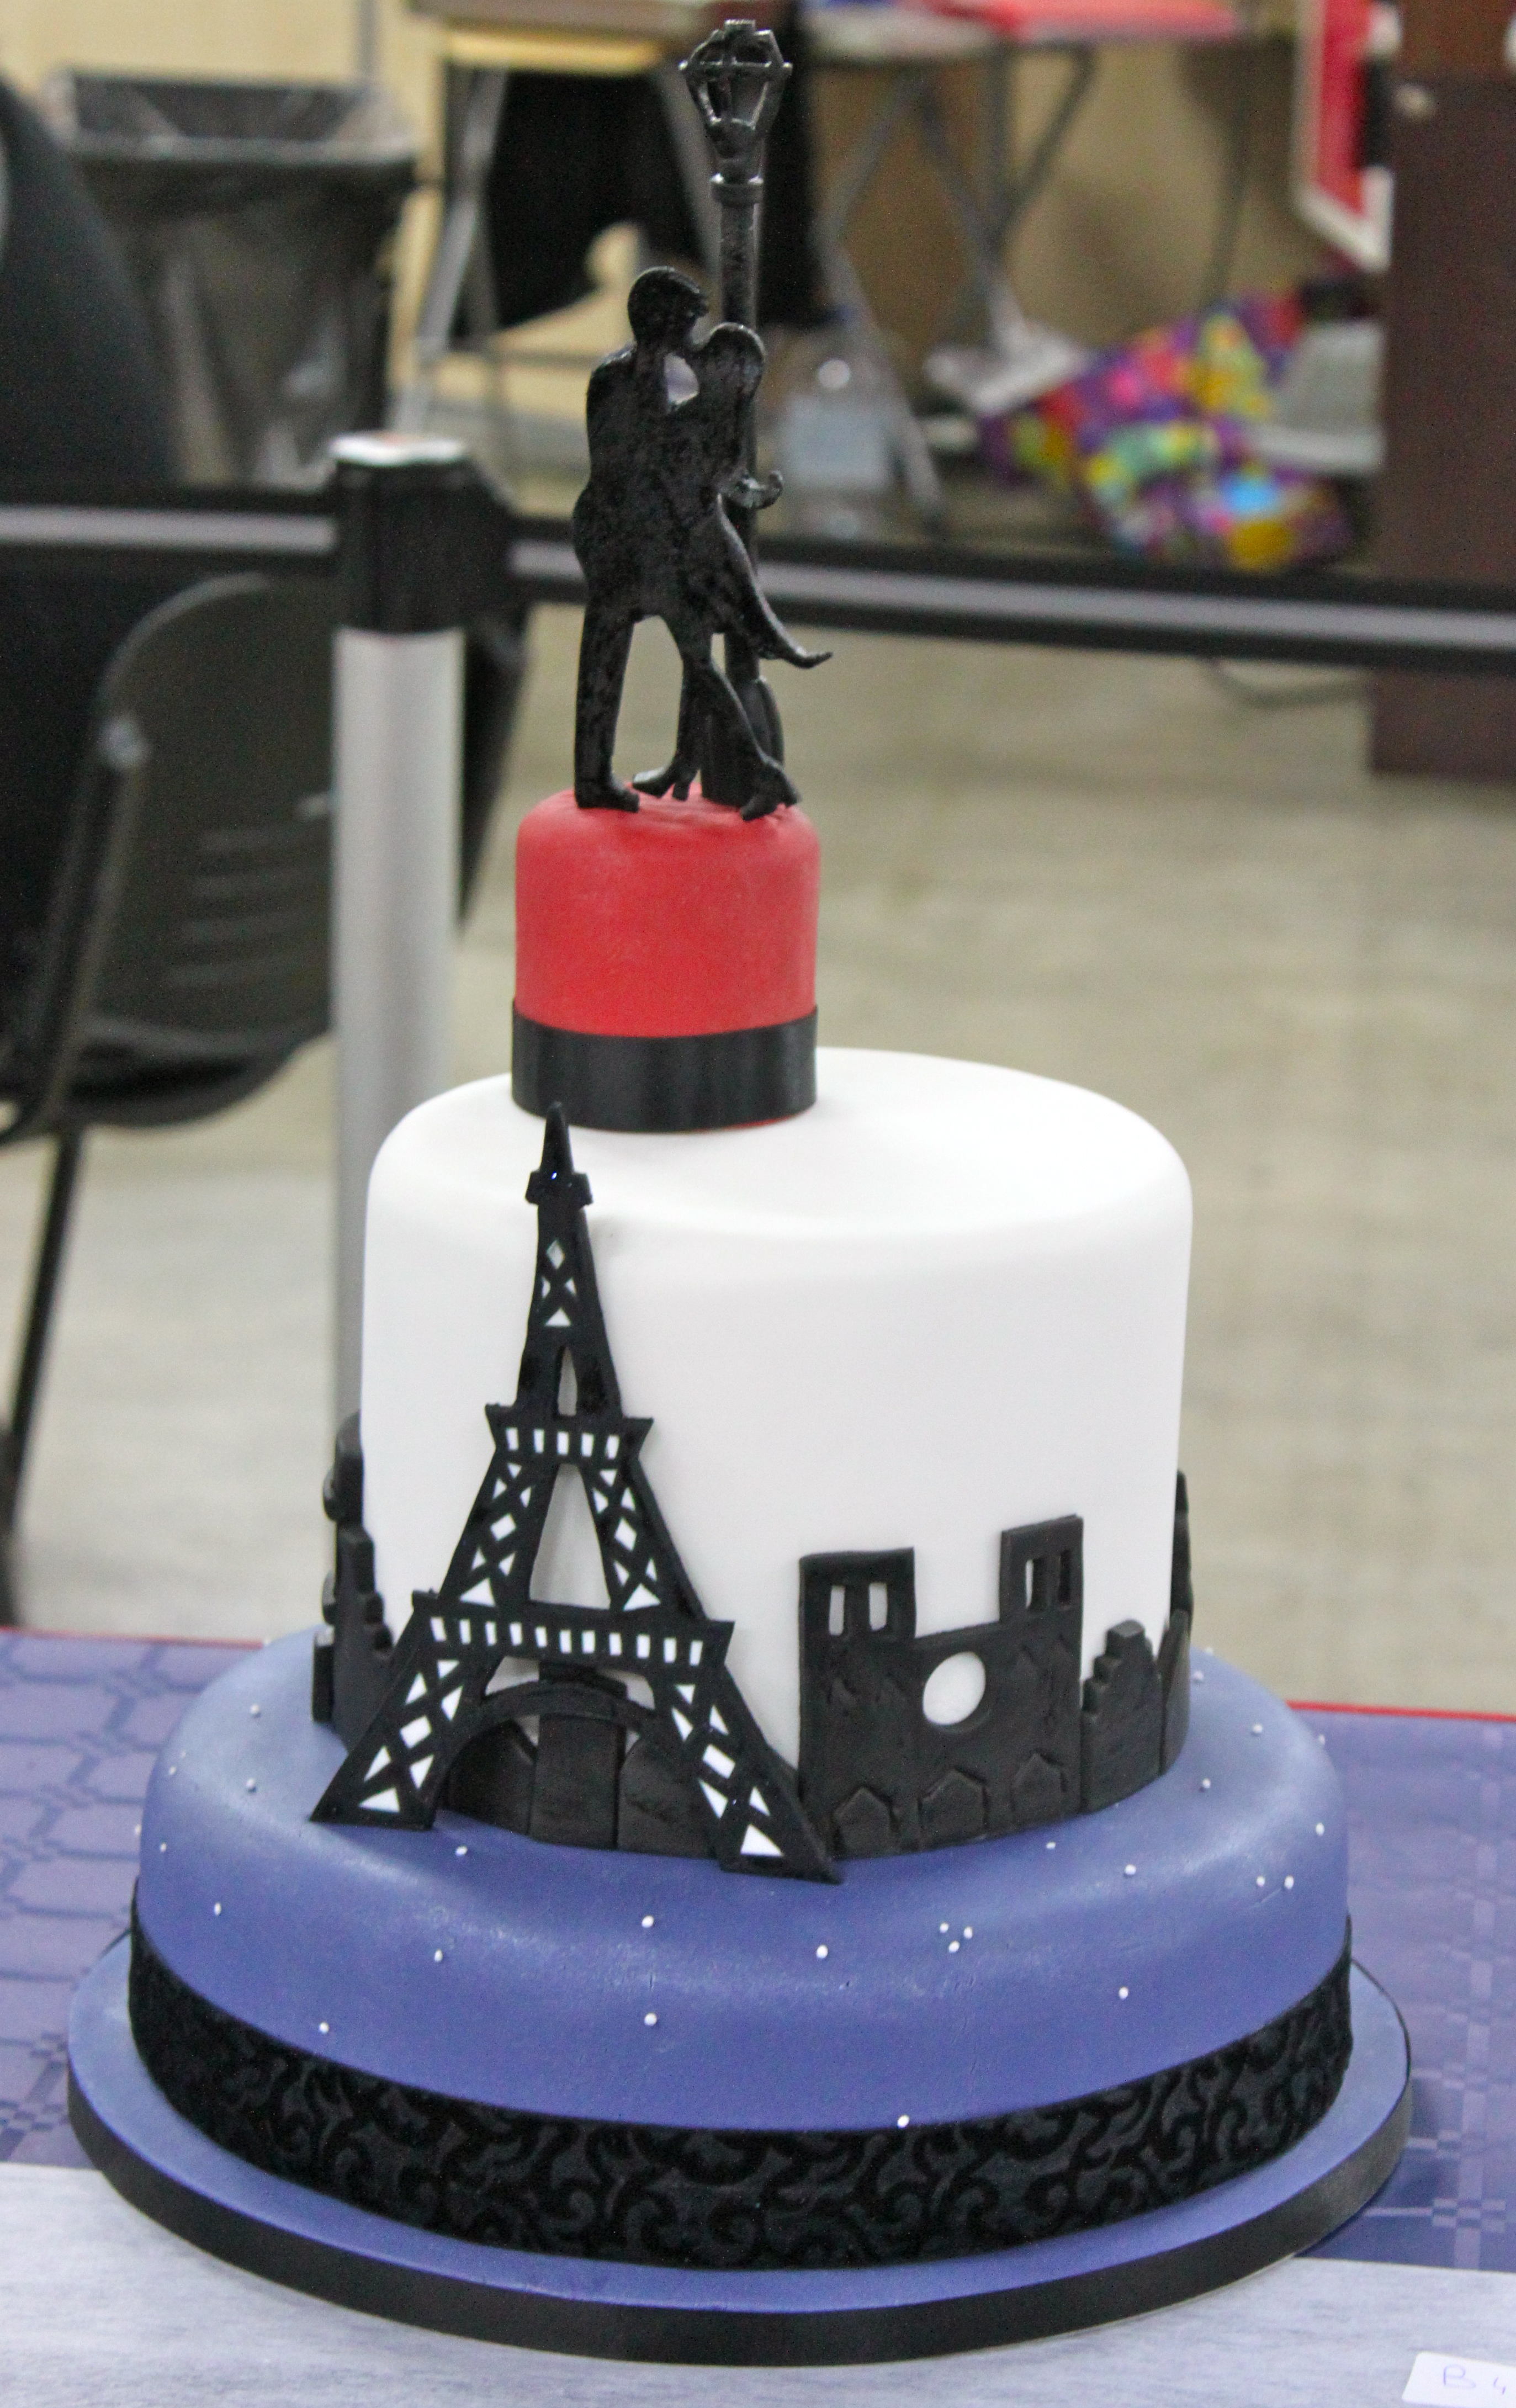 Salon Du Cake Design